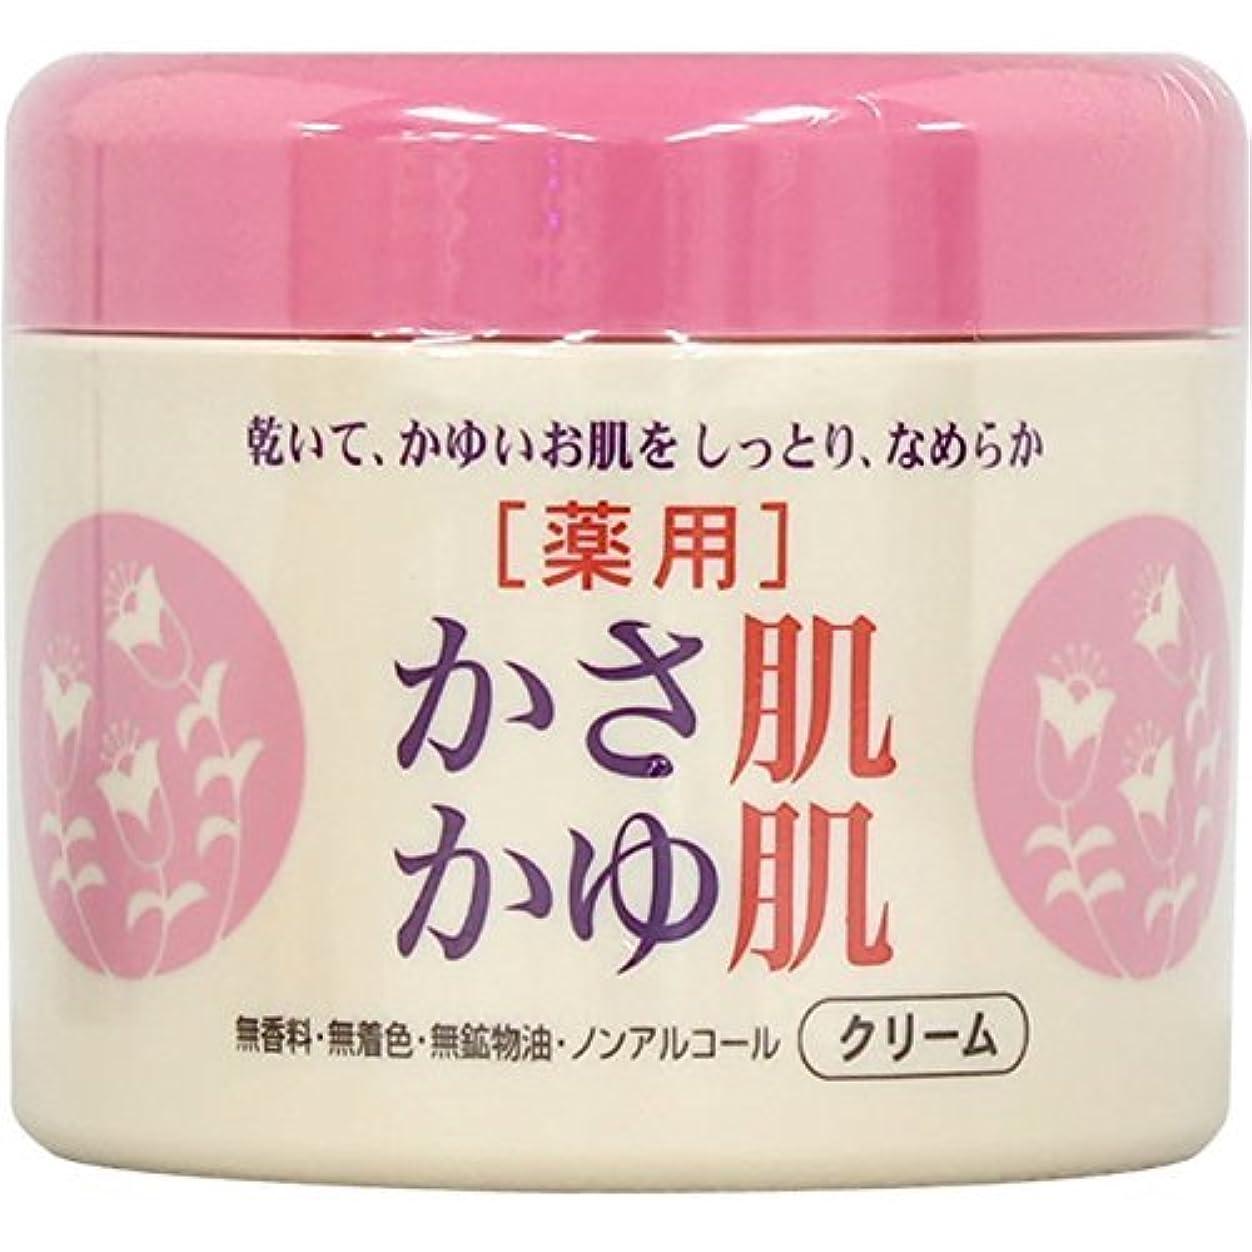 動かない添加剤ピンチ薬用 かさ肌かゆ肌ミルキークリーム 280g (医薬部外品)